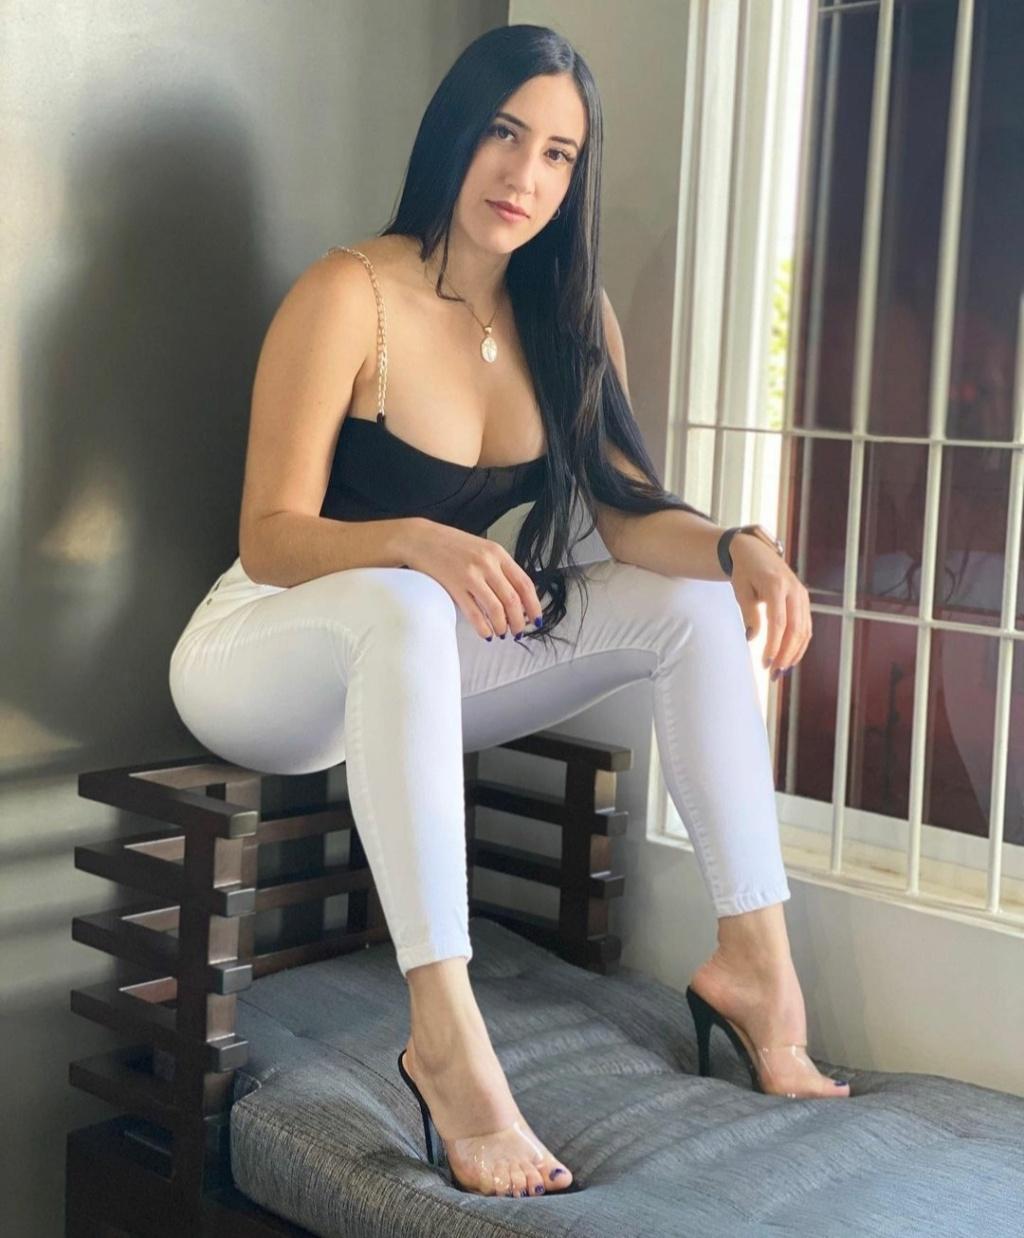 DEBATE sobre belleza, guapura y hermosura (fotos de chicas latinas, mestizas, y de todo) - VOL II - Página 9 Img_1303